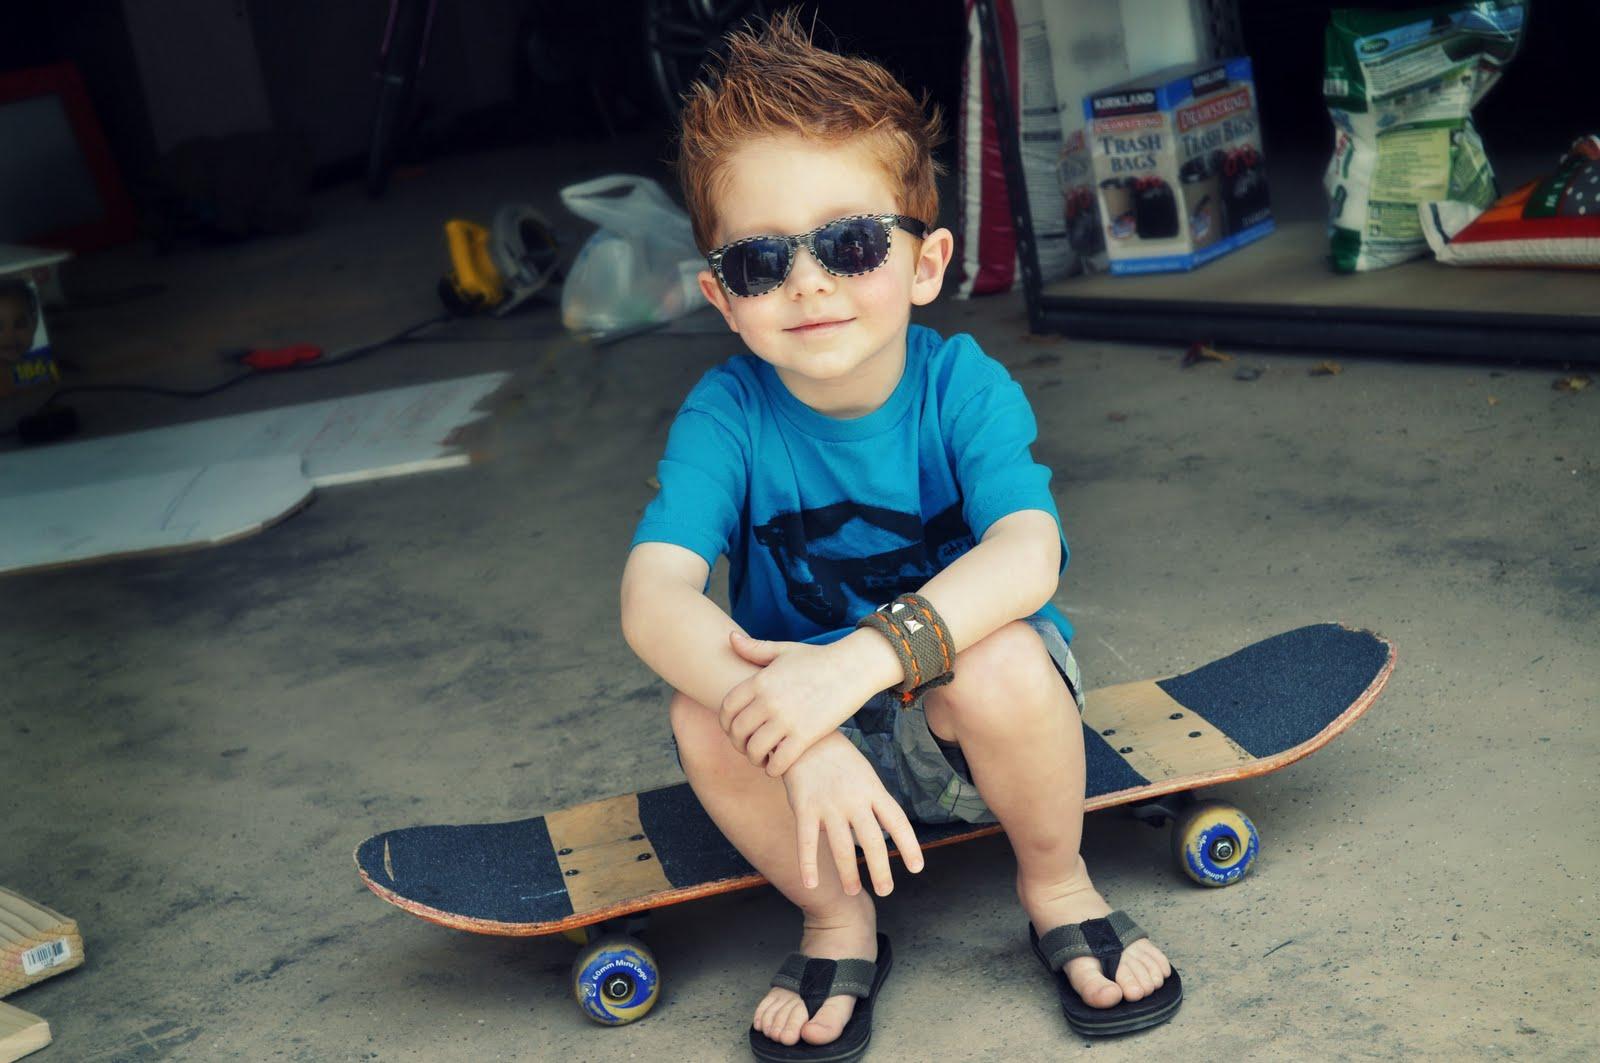 Как красиво сделать фото мальчика